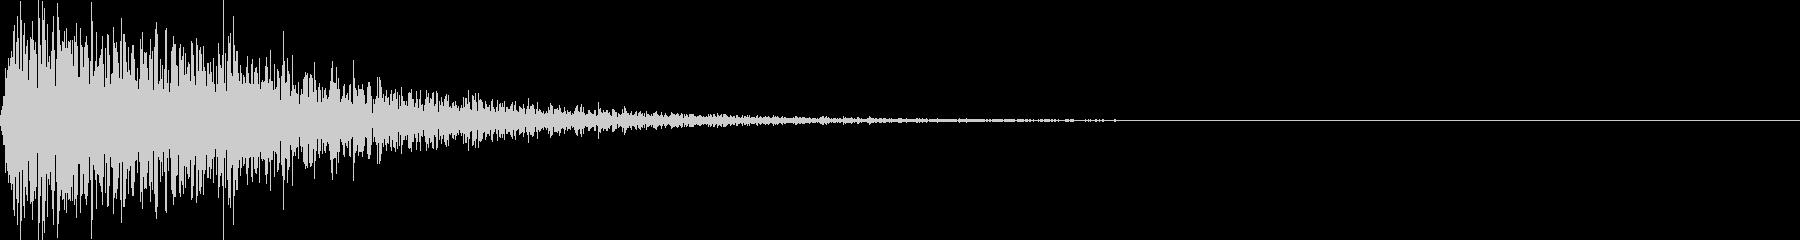 ゲーム 失敗 ボタン 選択音 ドシュンの未再生の波形